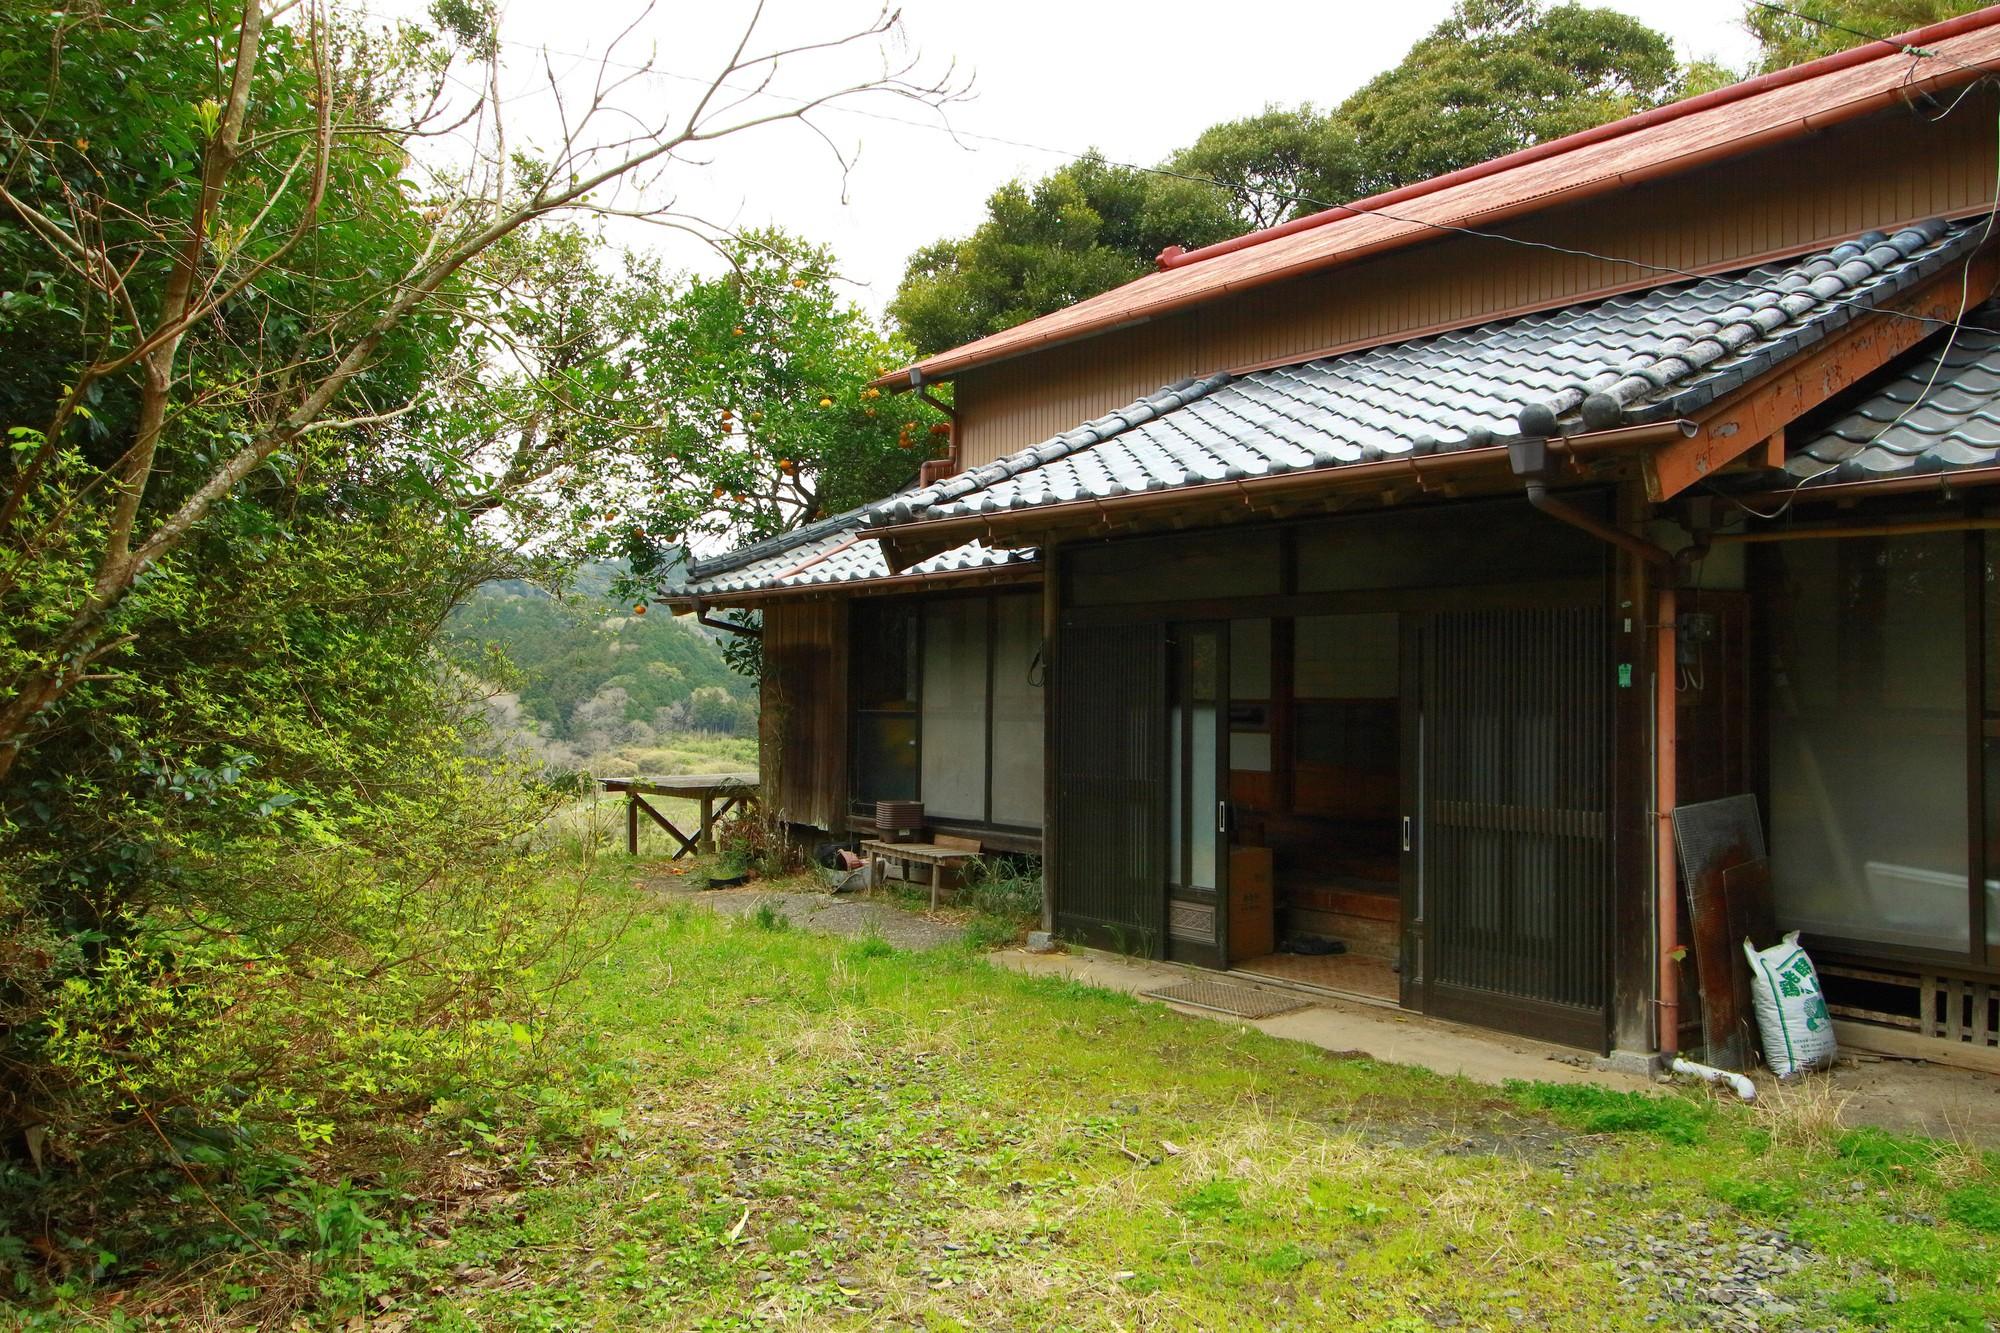 Nữ kỹ sư Nhật bỏ nhà phố, cùng gia đình về sống trong ngôi nhà nhỏ yên bình với vườn tược nơi thôn quê - Ảnh 7.